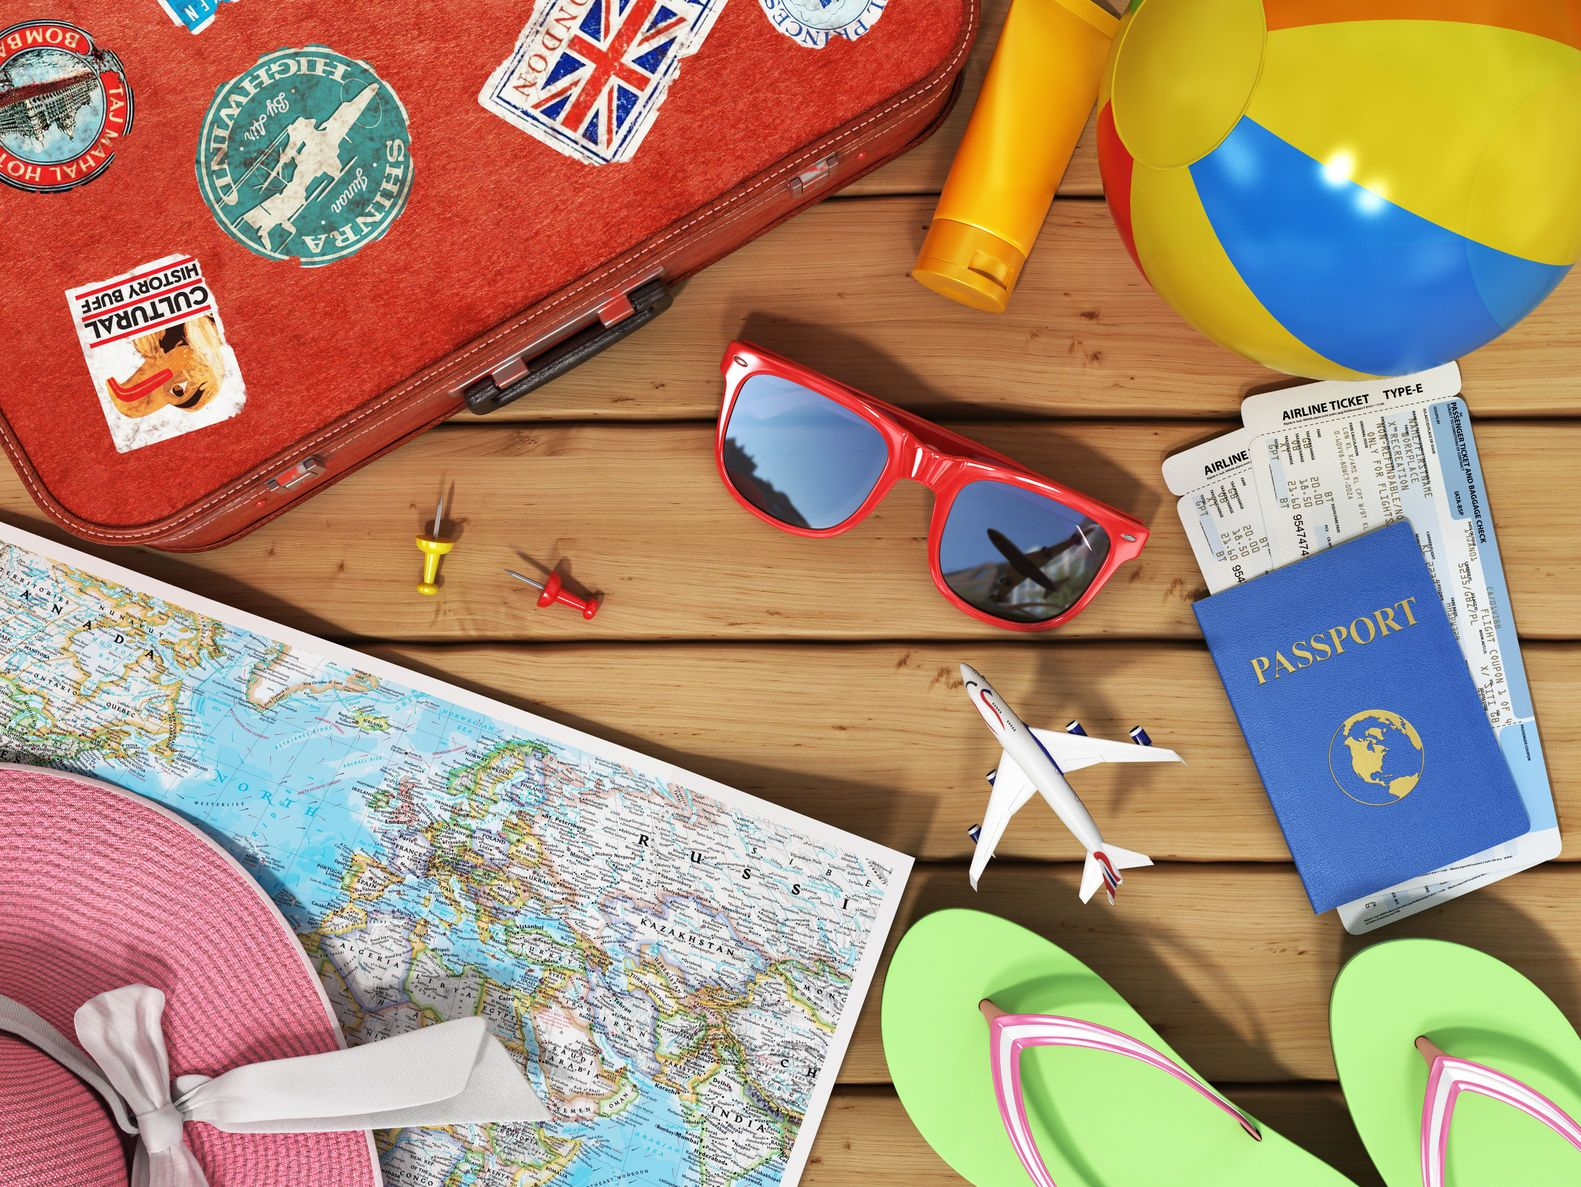 Výbava na cesty | urfingus/123RF.com